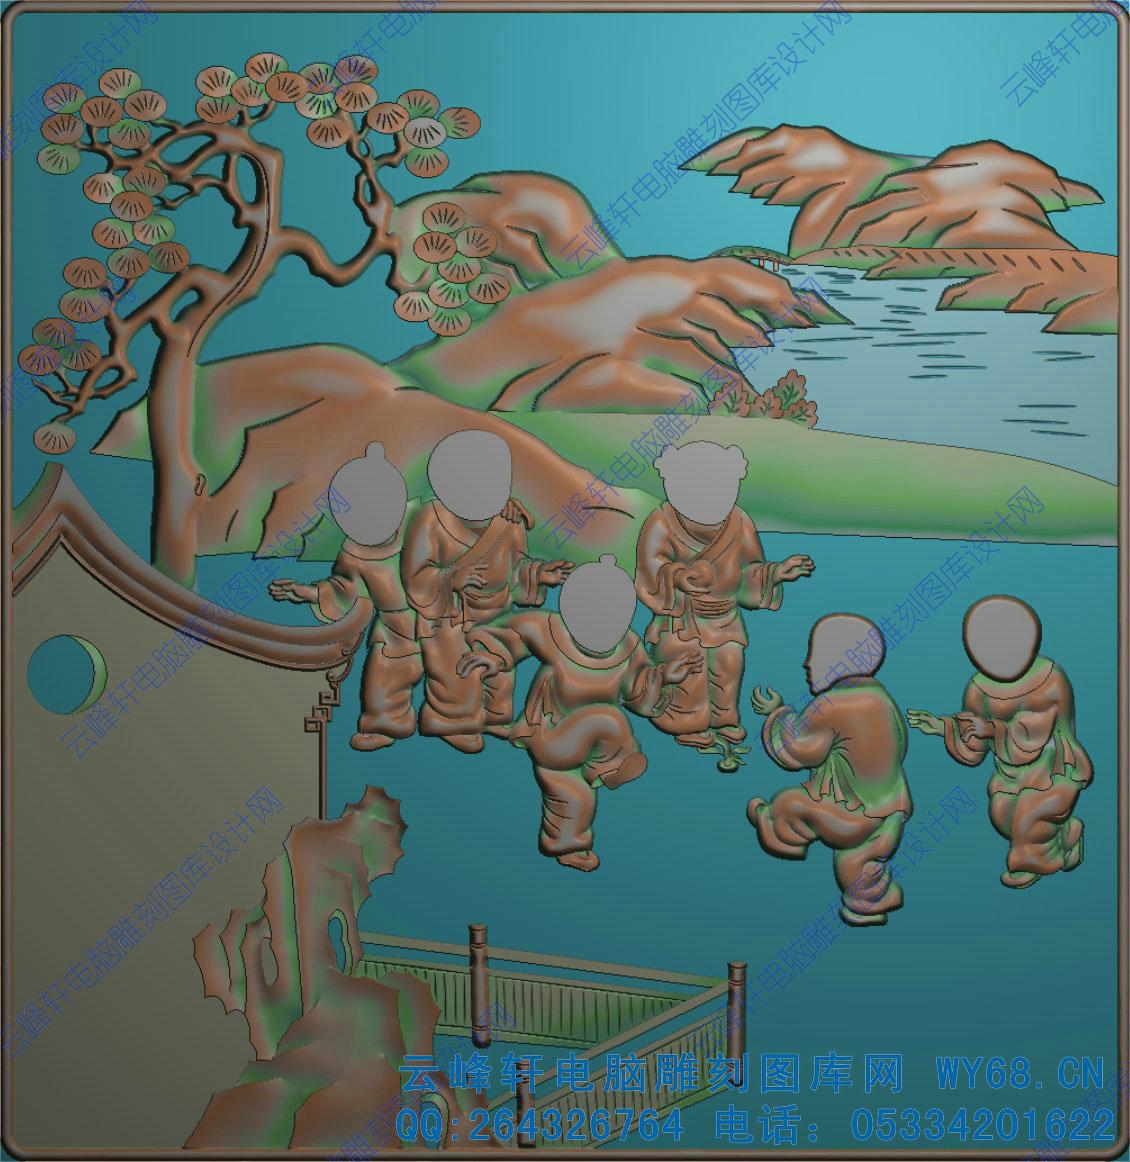 椅子家具雕刻浮雕图库大全 红木椅子 实木桌子雕刻图案大全 浮雕图库